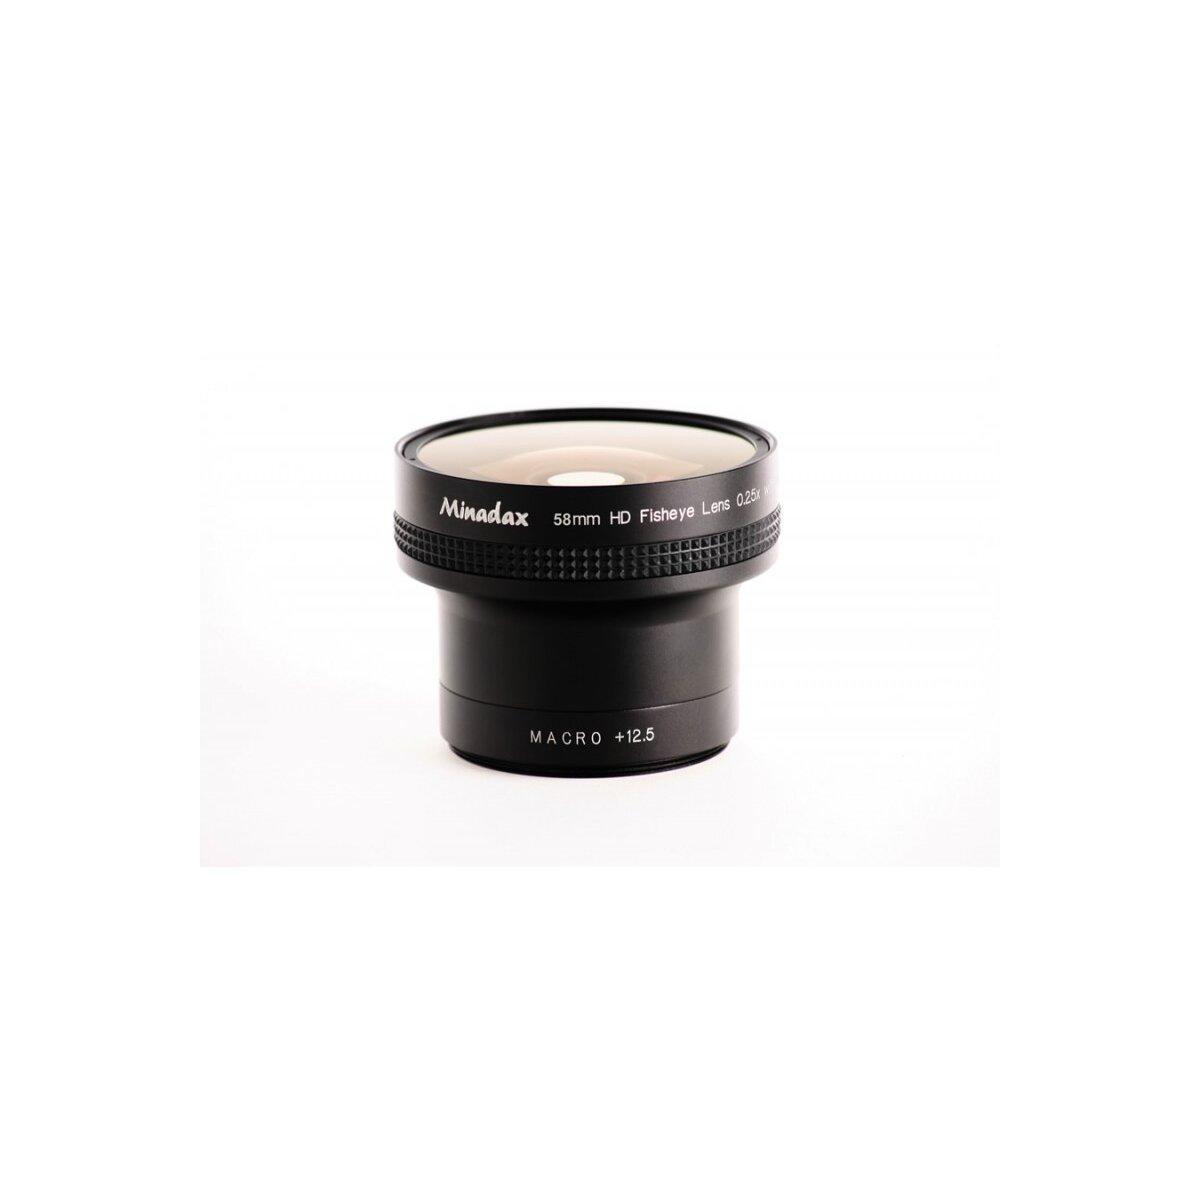 Minadax 0.25x Fisheye Vorsatz kompatibel mit Nikon Coolpix 8800 - in schwarz